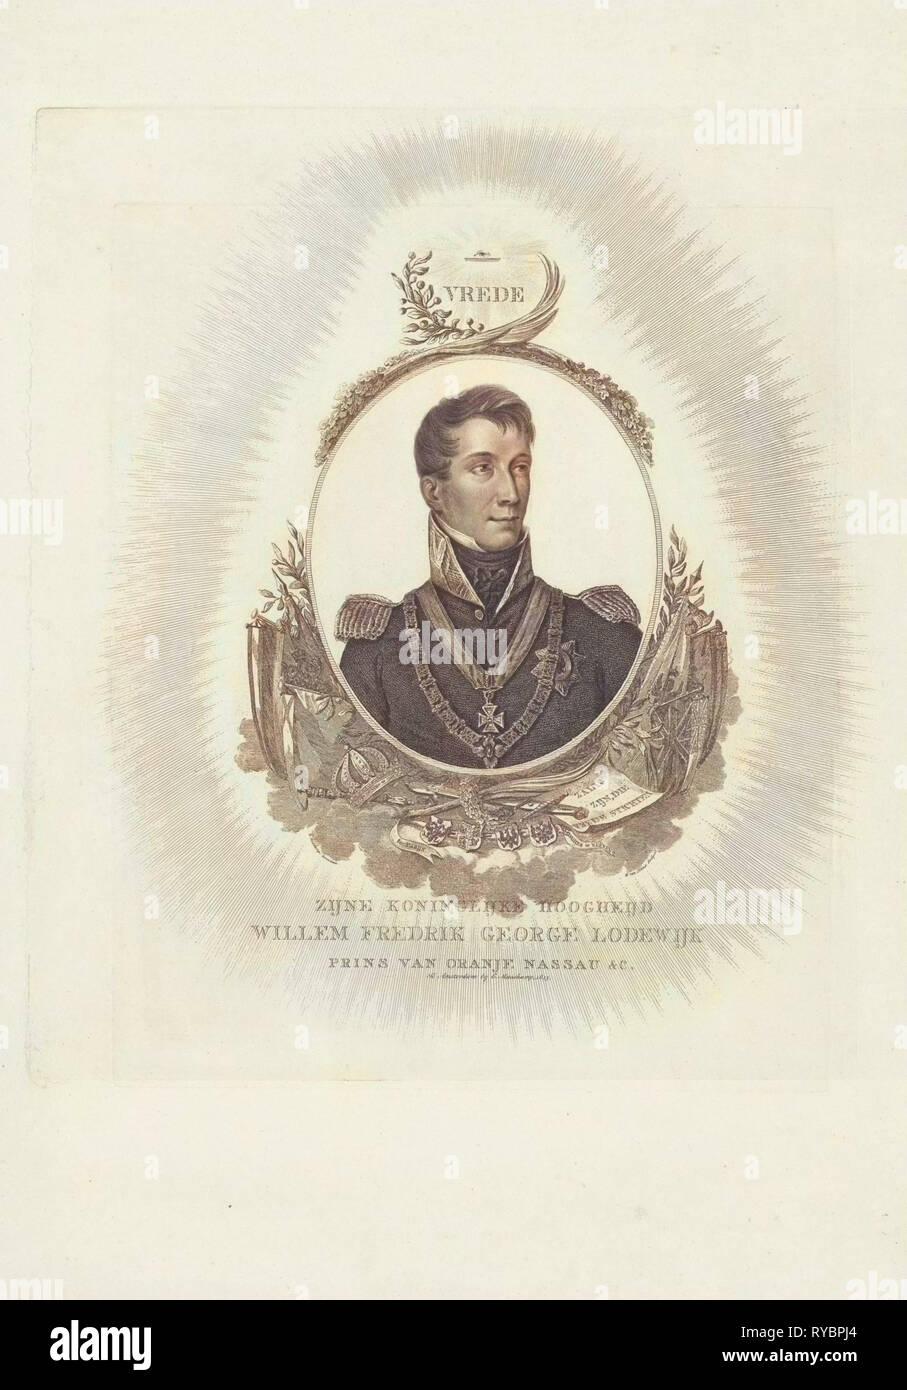 Porträt von William II, König der Niederlande, Willem van Senus, Evert Maaskamp, 1815 Stockbild